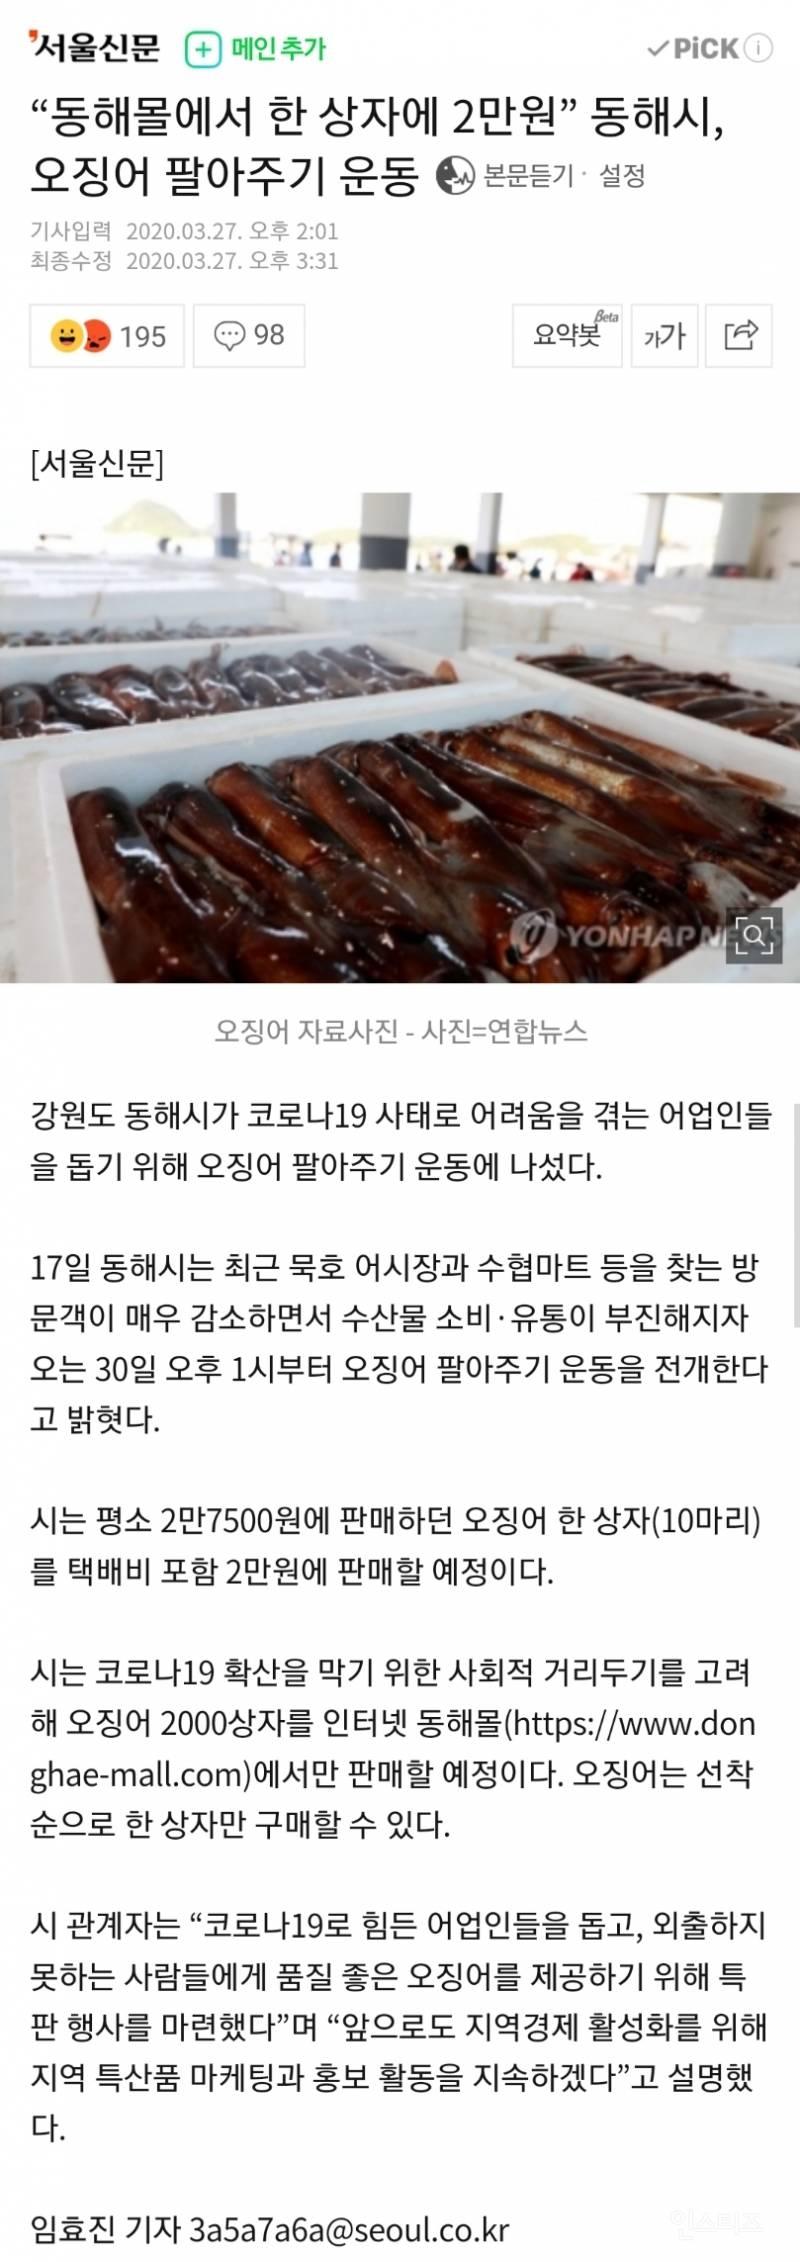 감자 완판에 이어 오징어 판매한다는 강원도...jpg | 인스티즈